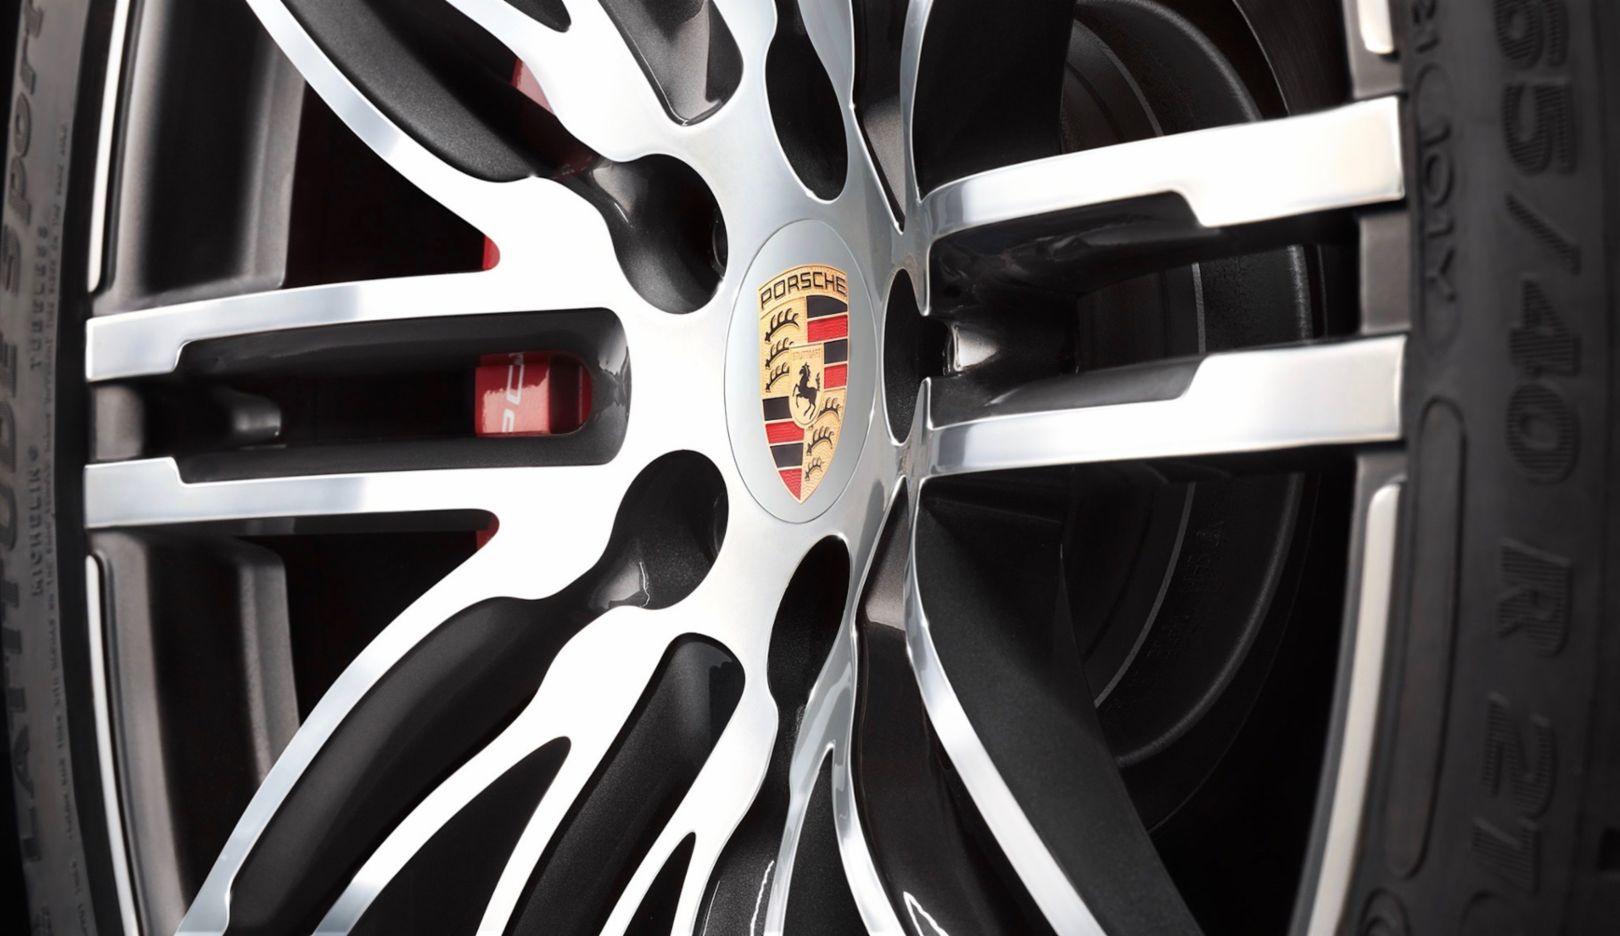 Radnabenabdeckung, 2018, Porsche AG